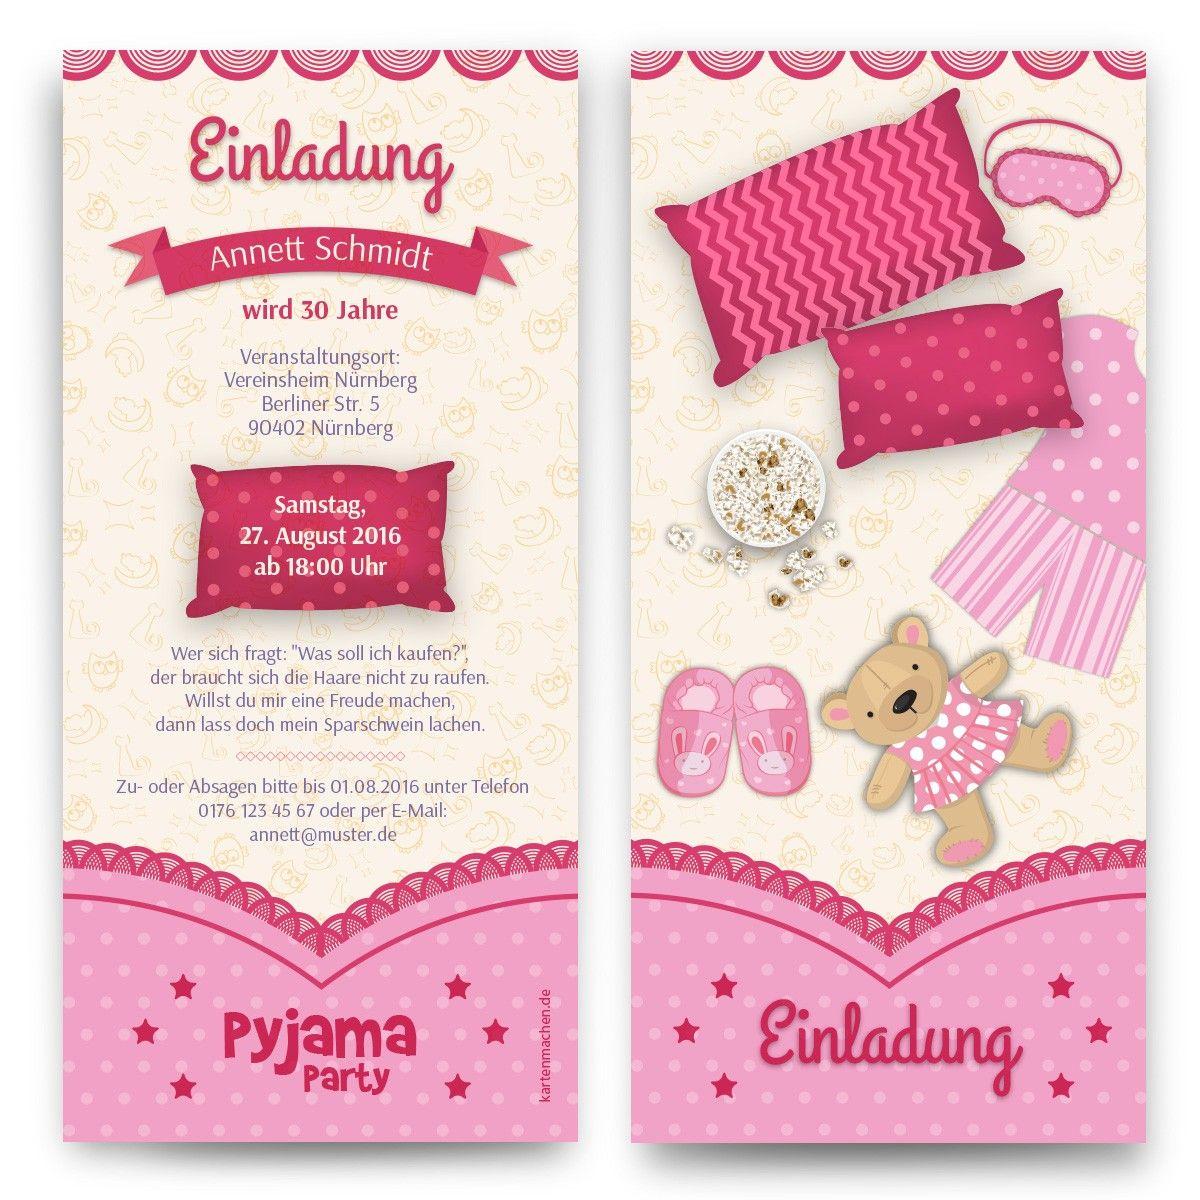 Einladungen Pyjama Party Geburtstag Einladung Geburtstagseinladung Pyjama Einladung Kindergeburtstag Einladung Geburtstag Einladung Kindergeburtstag Text